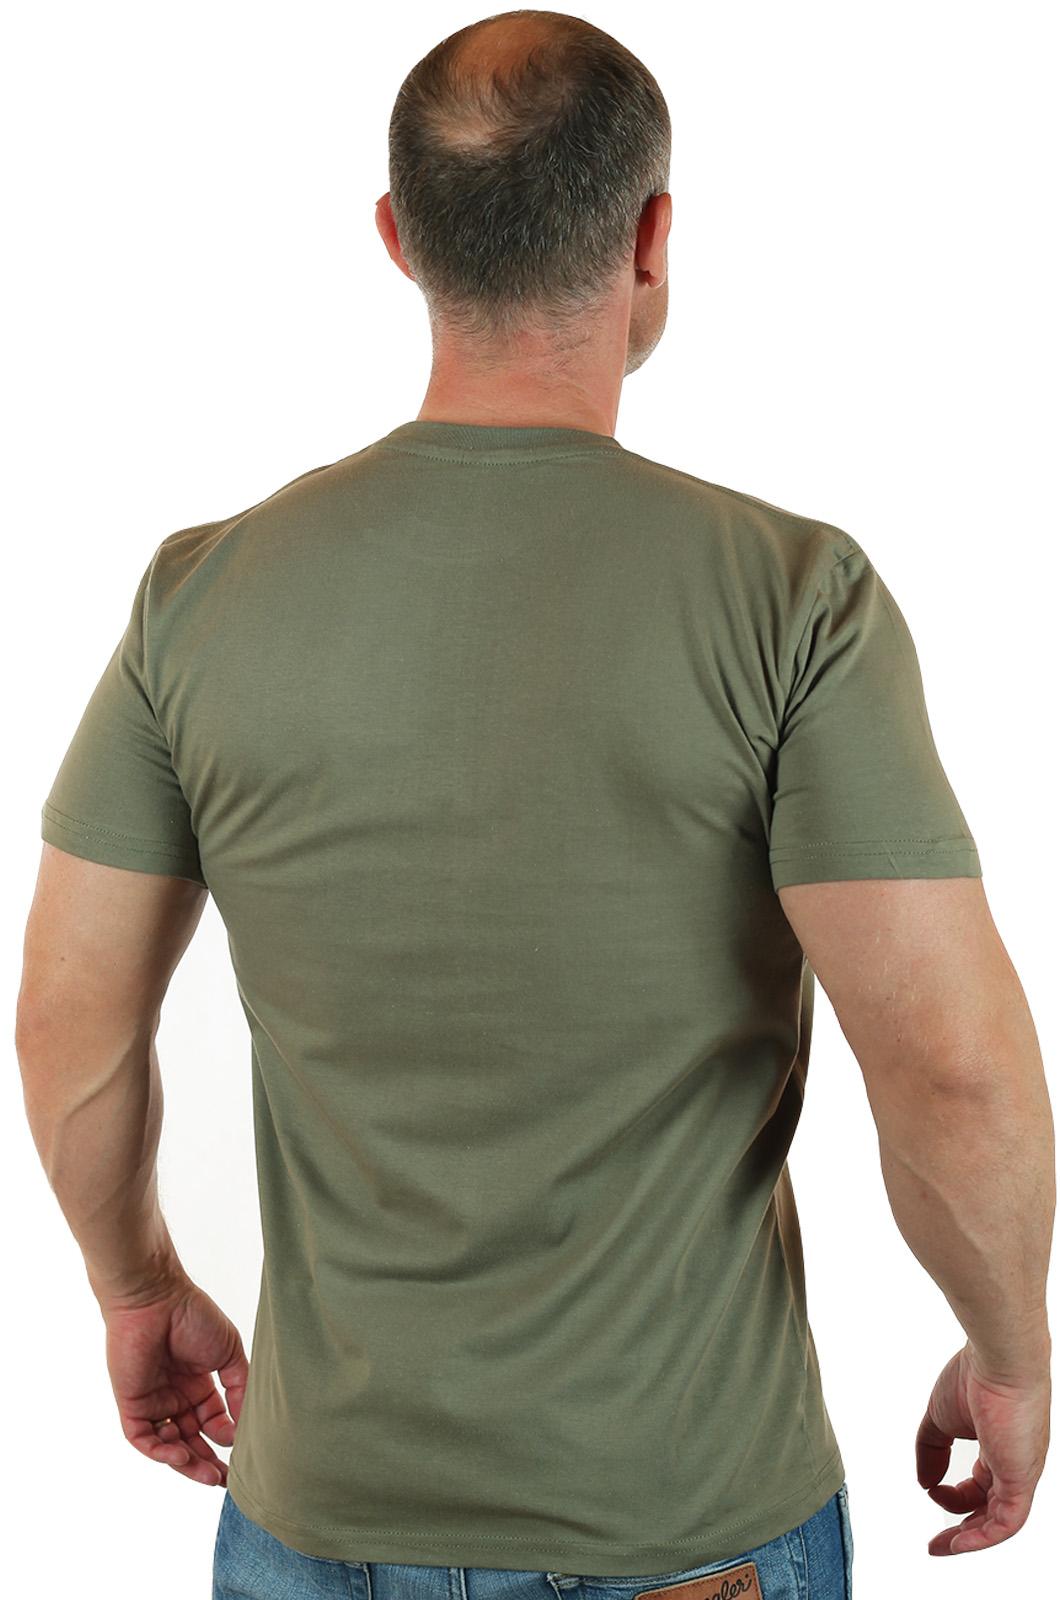 Мужские футболки с принтом и без – огромный ассортимент и наличие